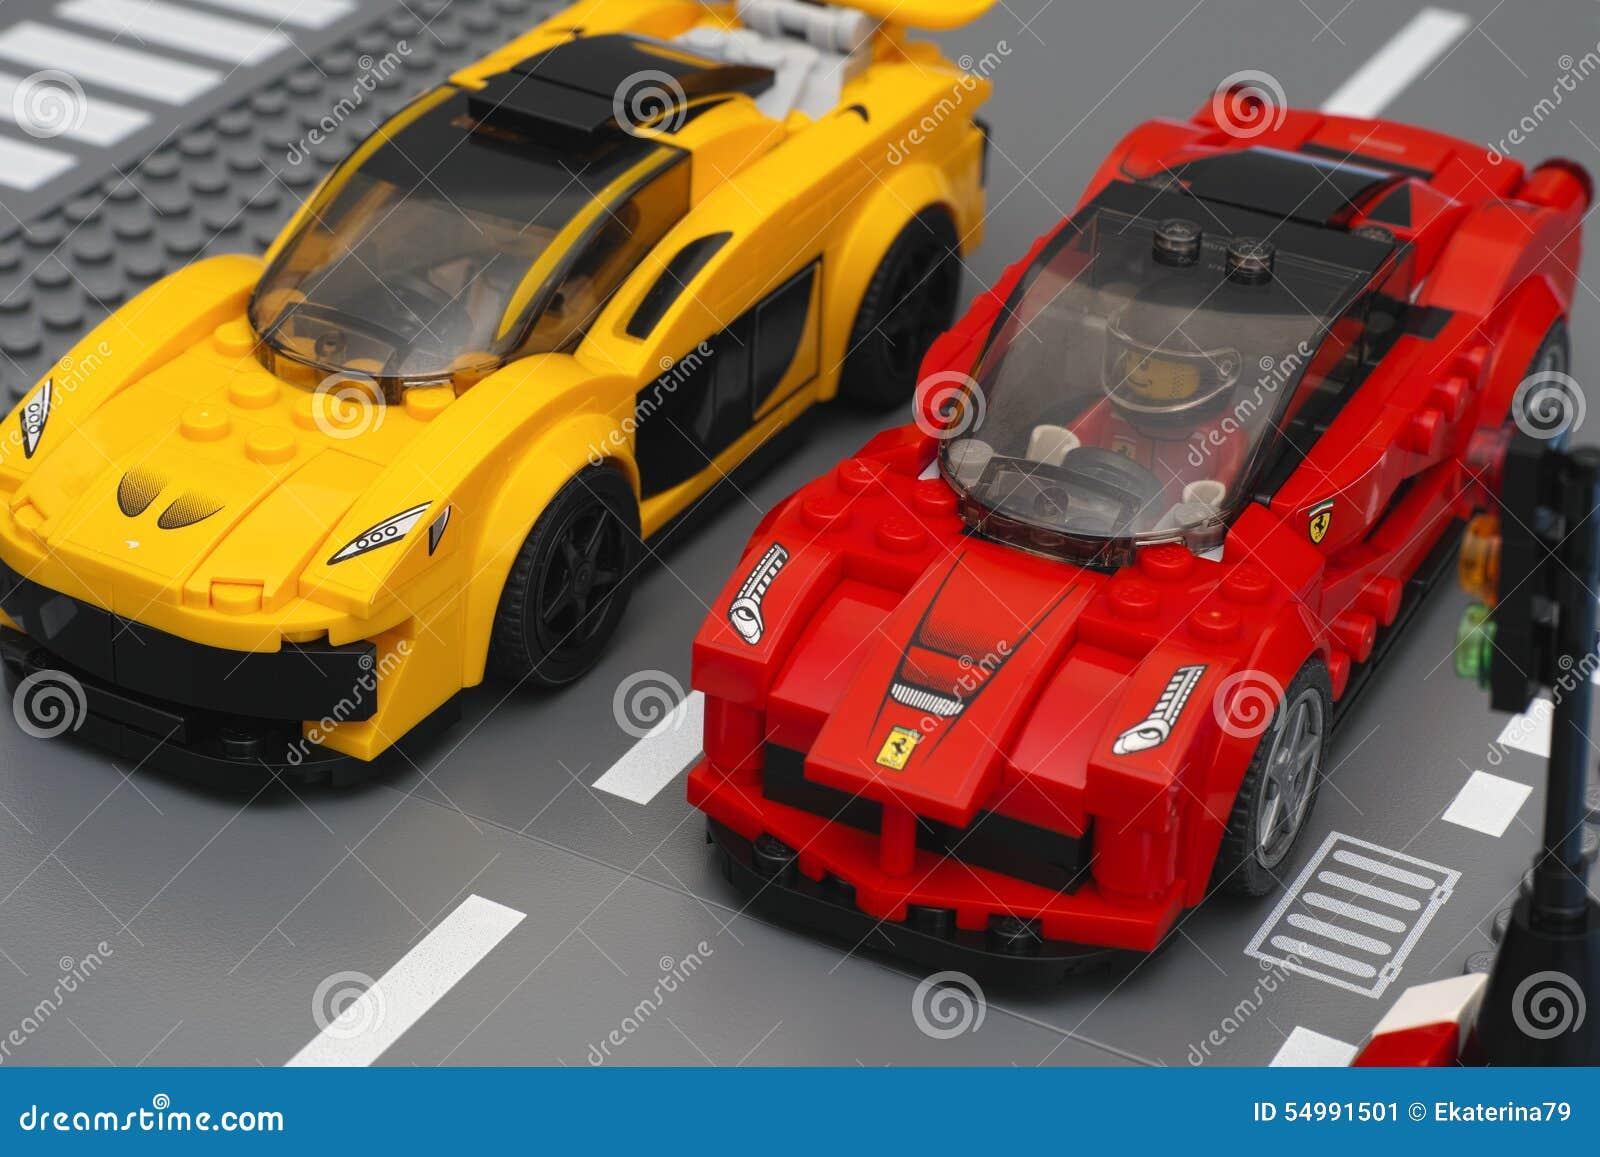 Lego LaFerrari och Lego McLaren P1 bilar